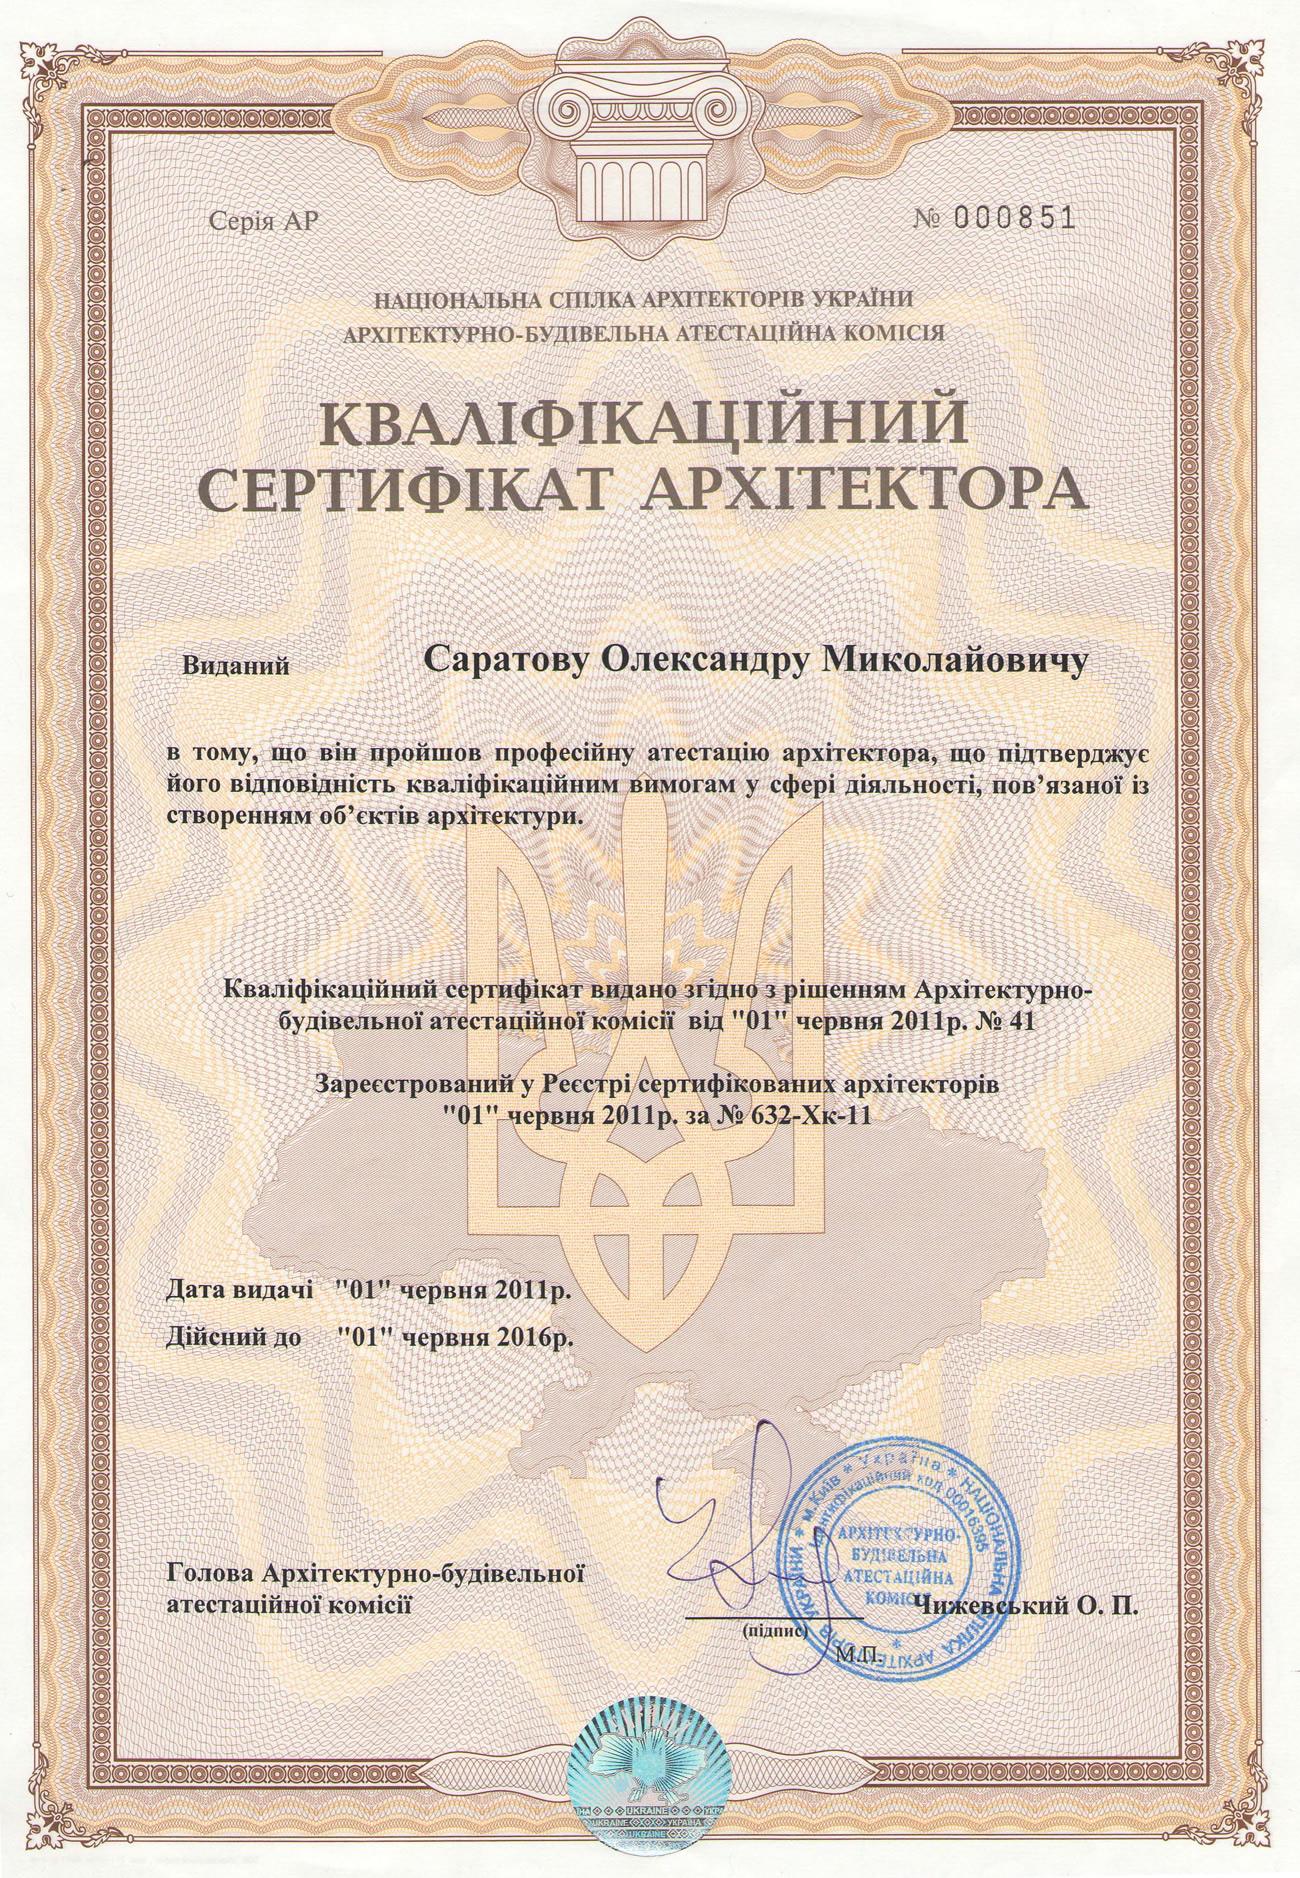 Персональный сертификат архитектора Саратов А.Н.